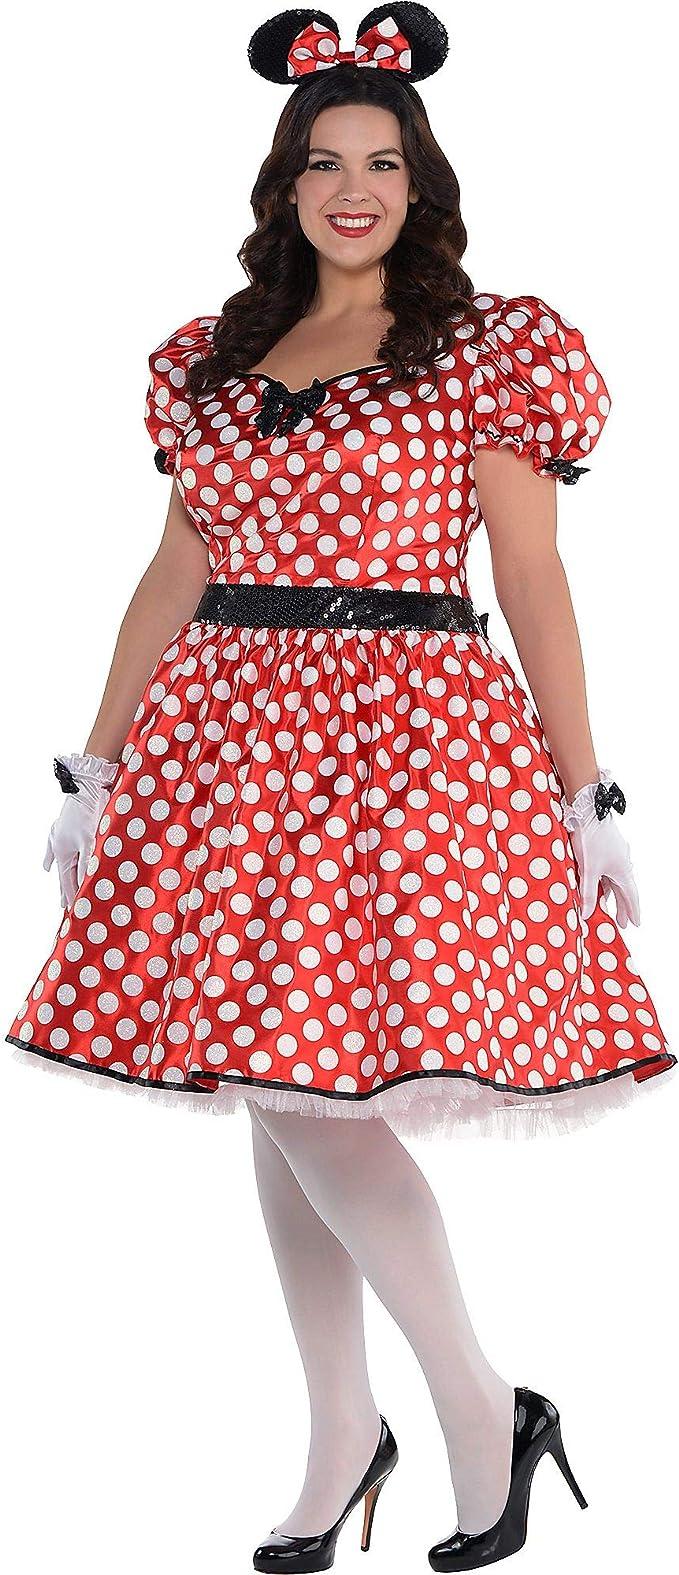 Amazon.com: Traje para mujer con diseño de Minnie Mouse ...